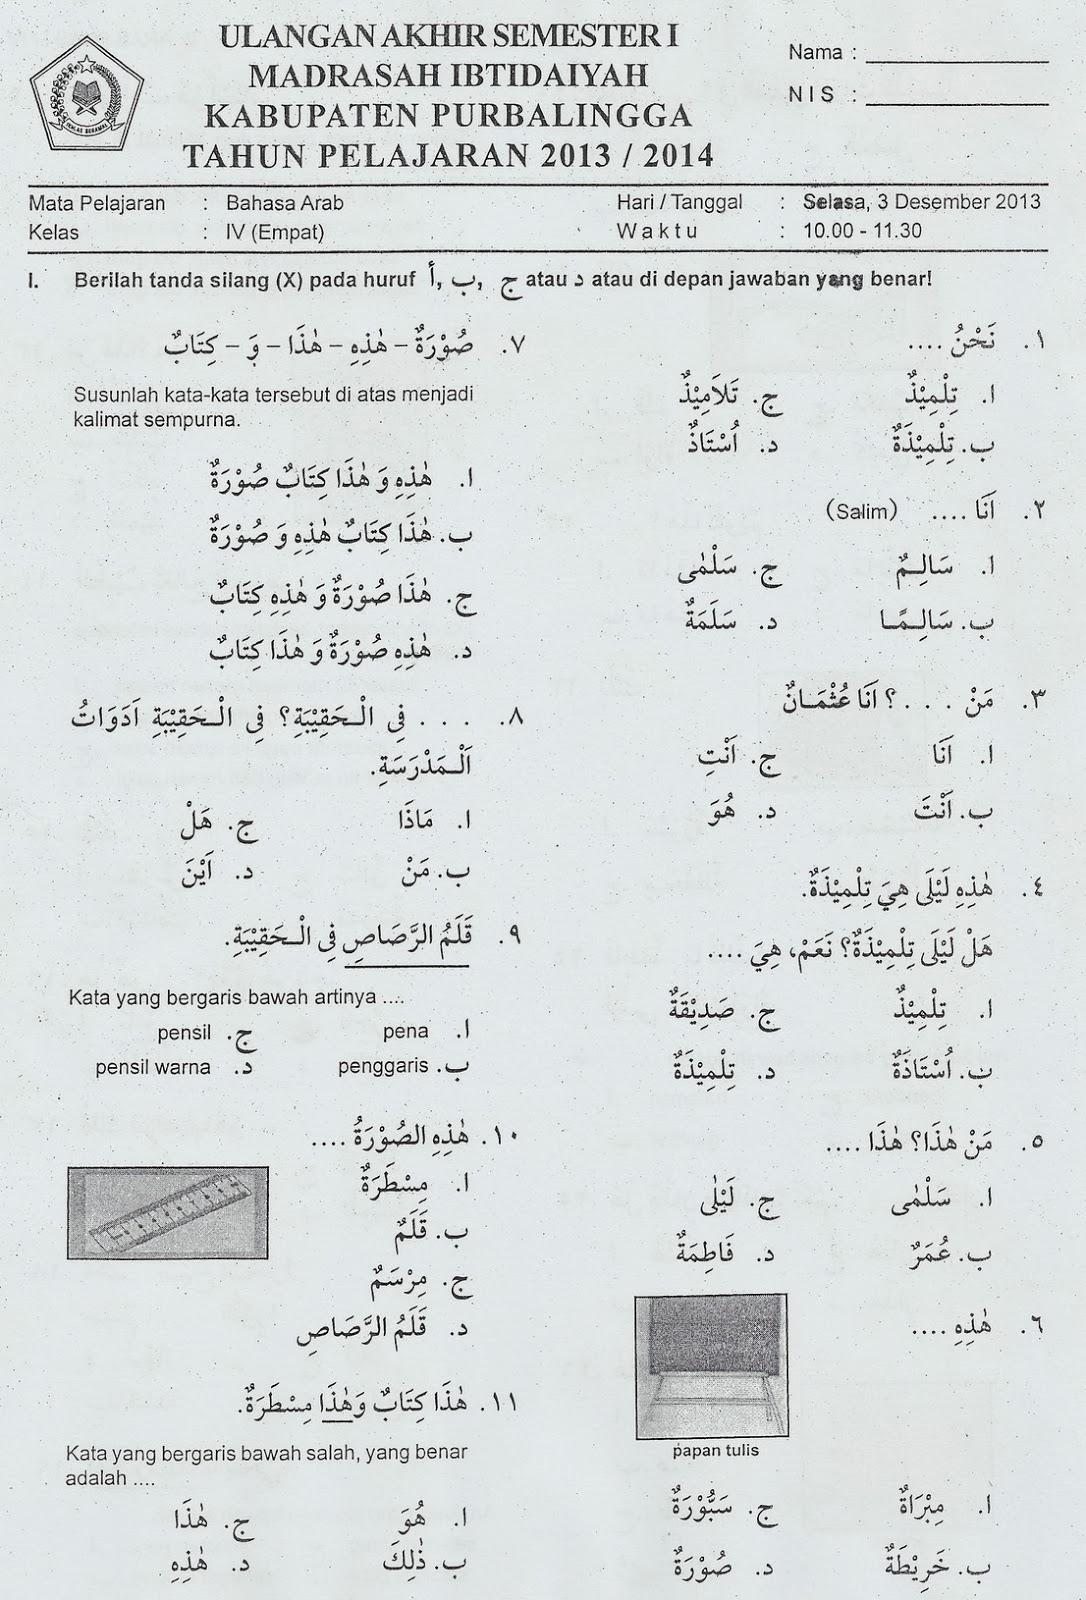 Mi Ma Arif Nu Pasunggingan Kumpulan Soal Soal Uas Bahasa Arab Mi Kelas Vi Semester I